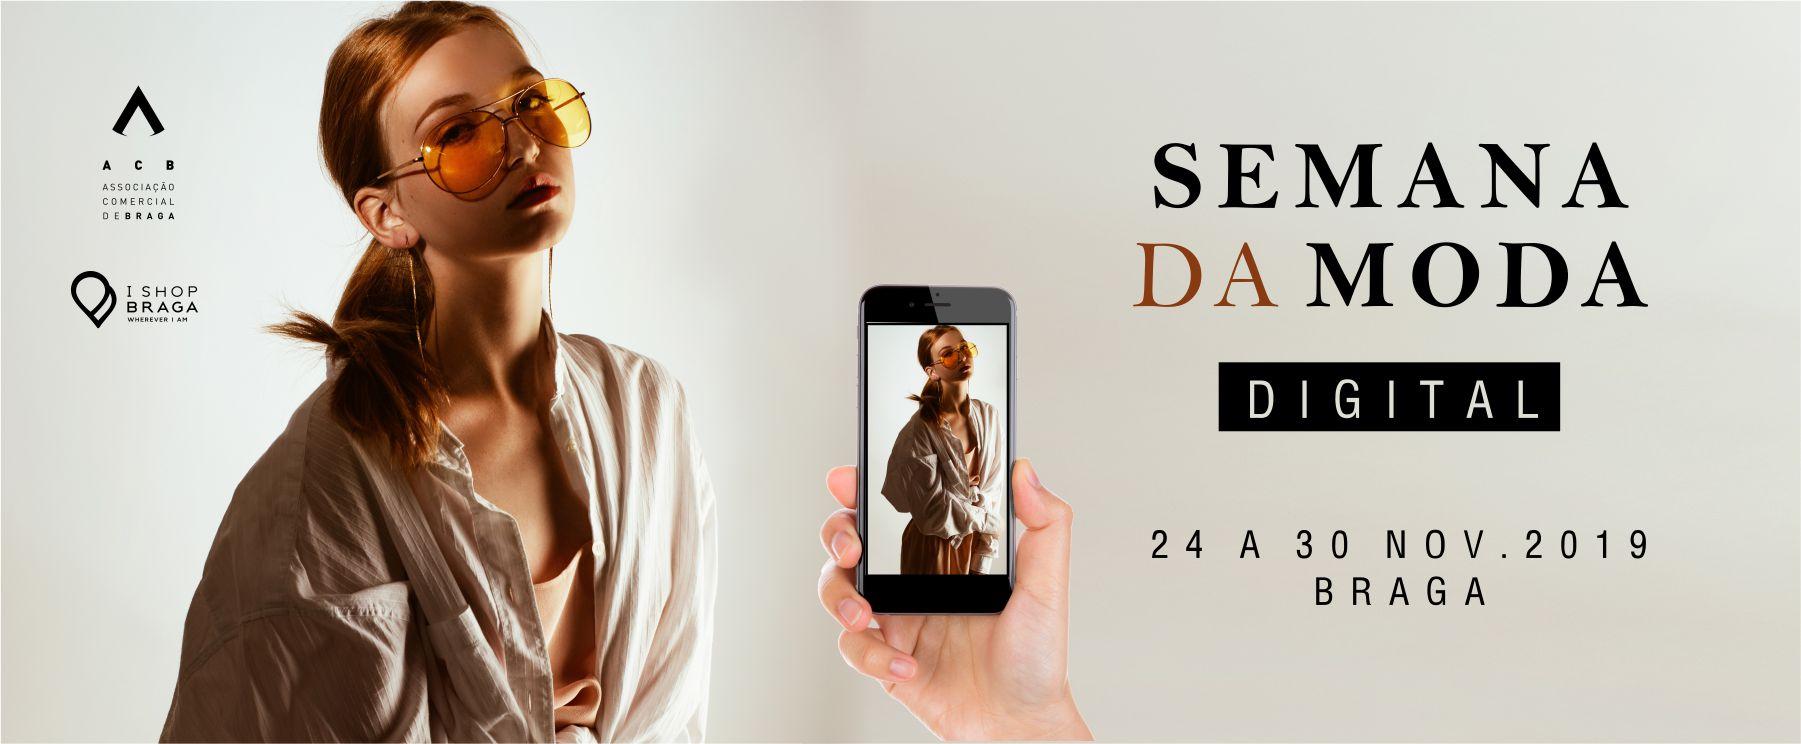 Semana da Moda Digital